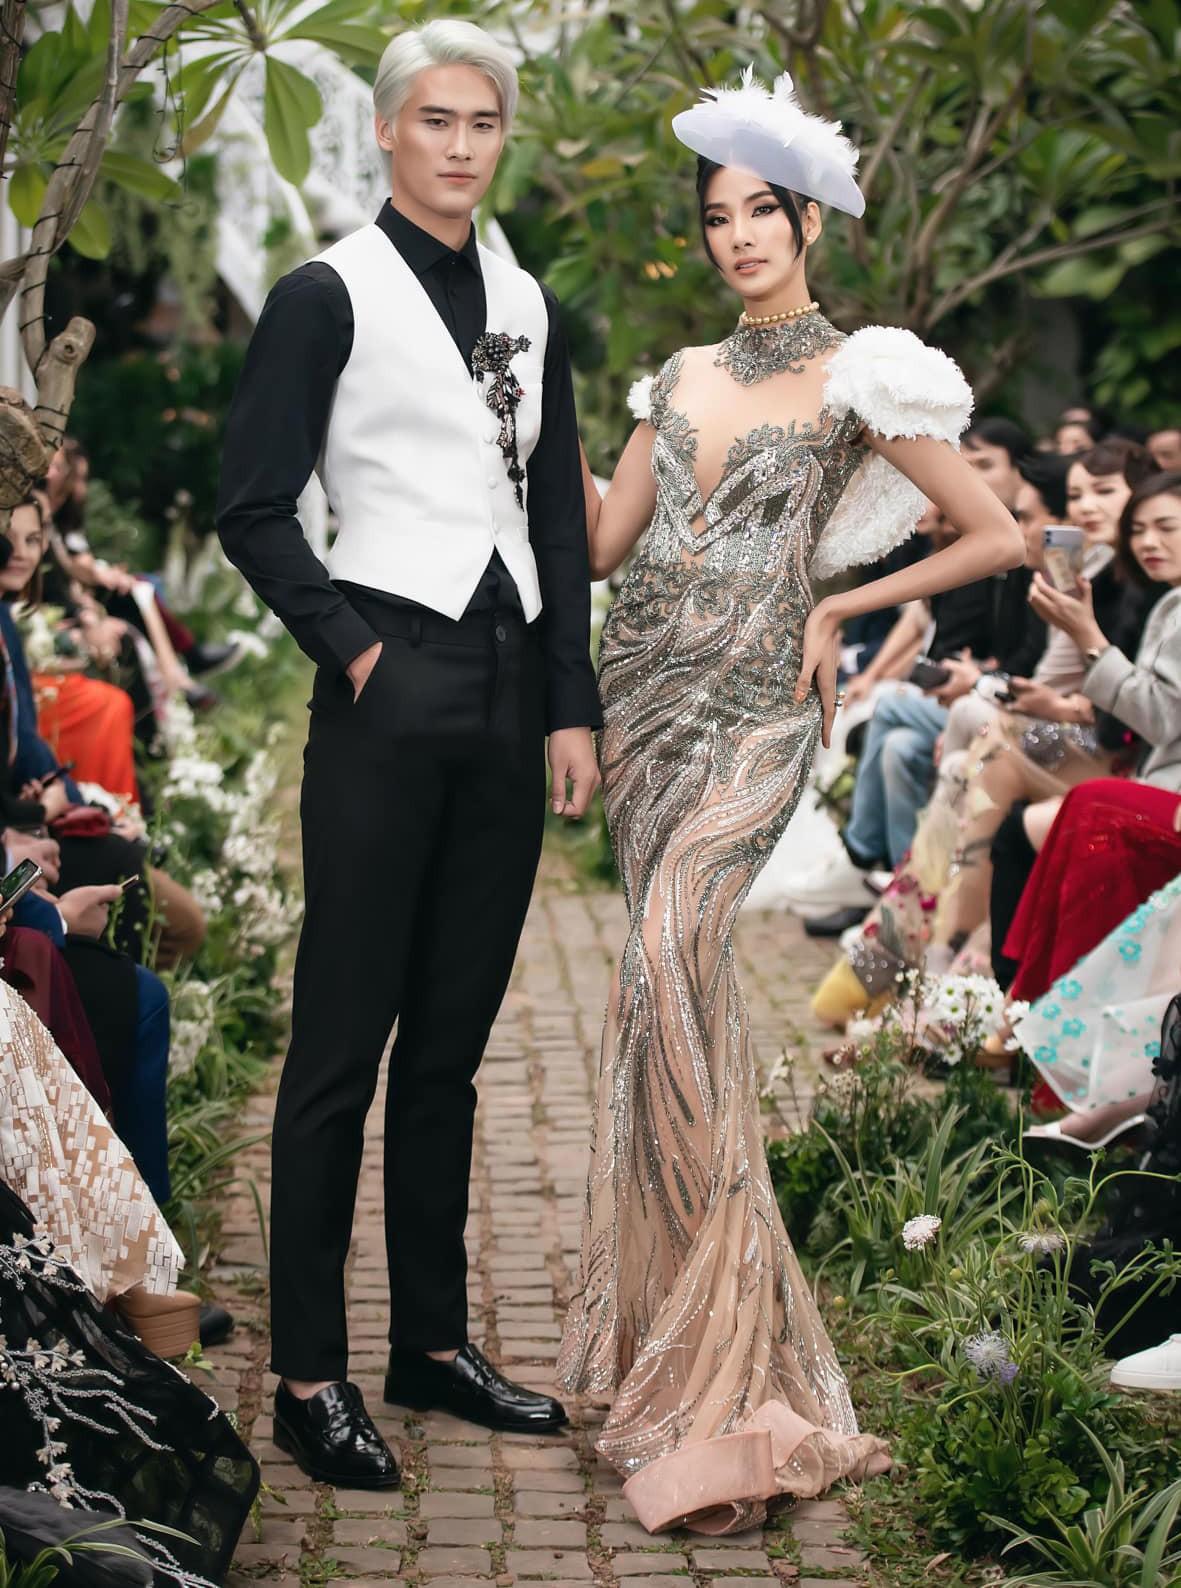 Tiểu Vy, Lương Thuỳ Linh diện váy cắt xẻ táo bạo khoe đường cong đẹp mắt ảnh 11